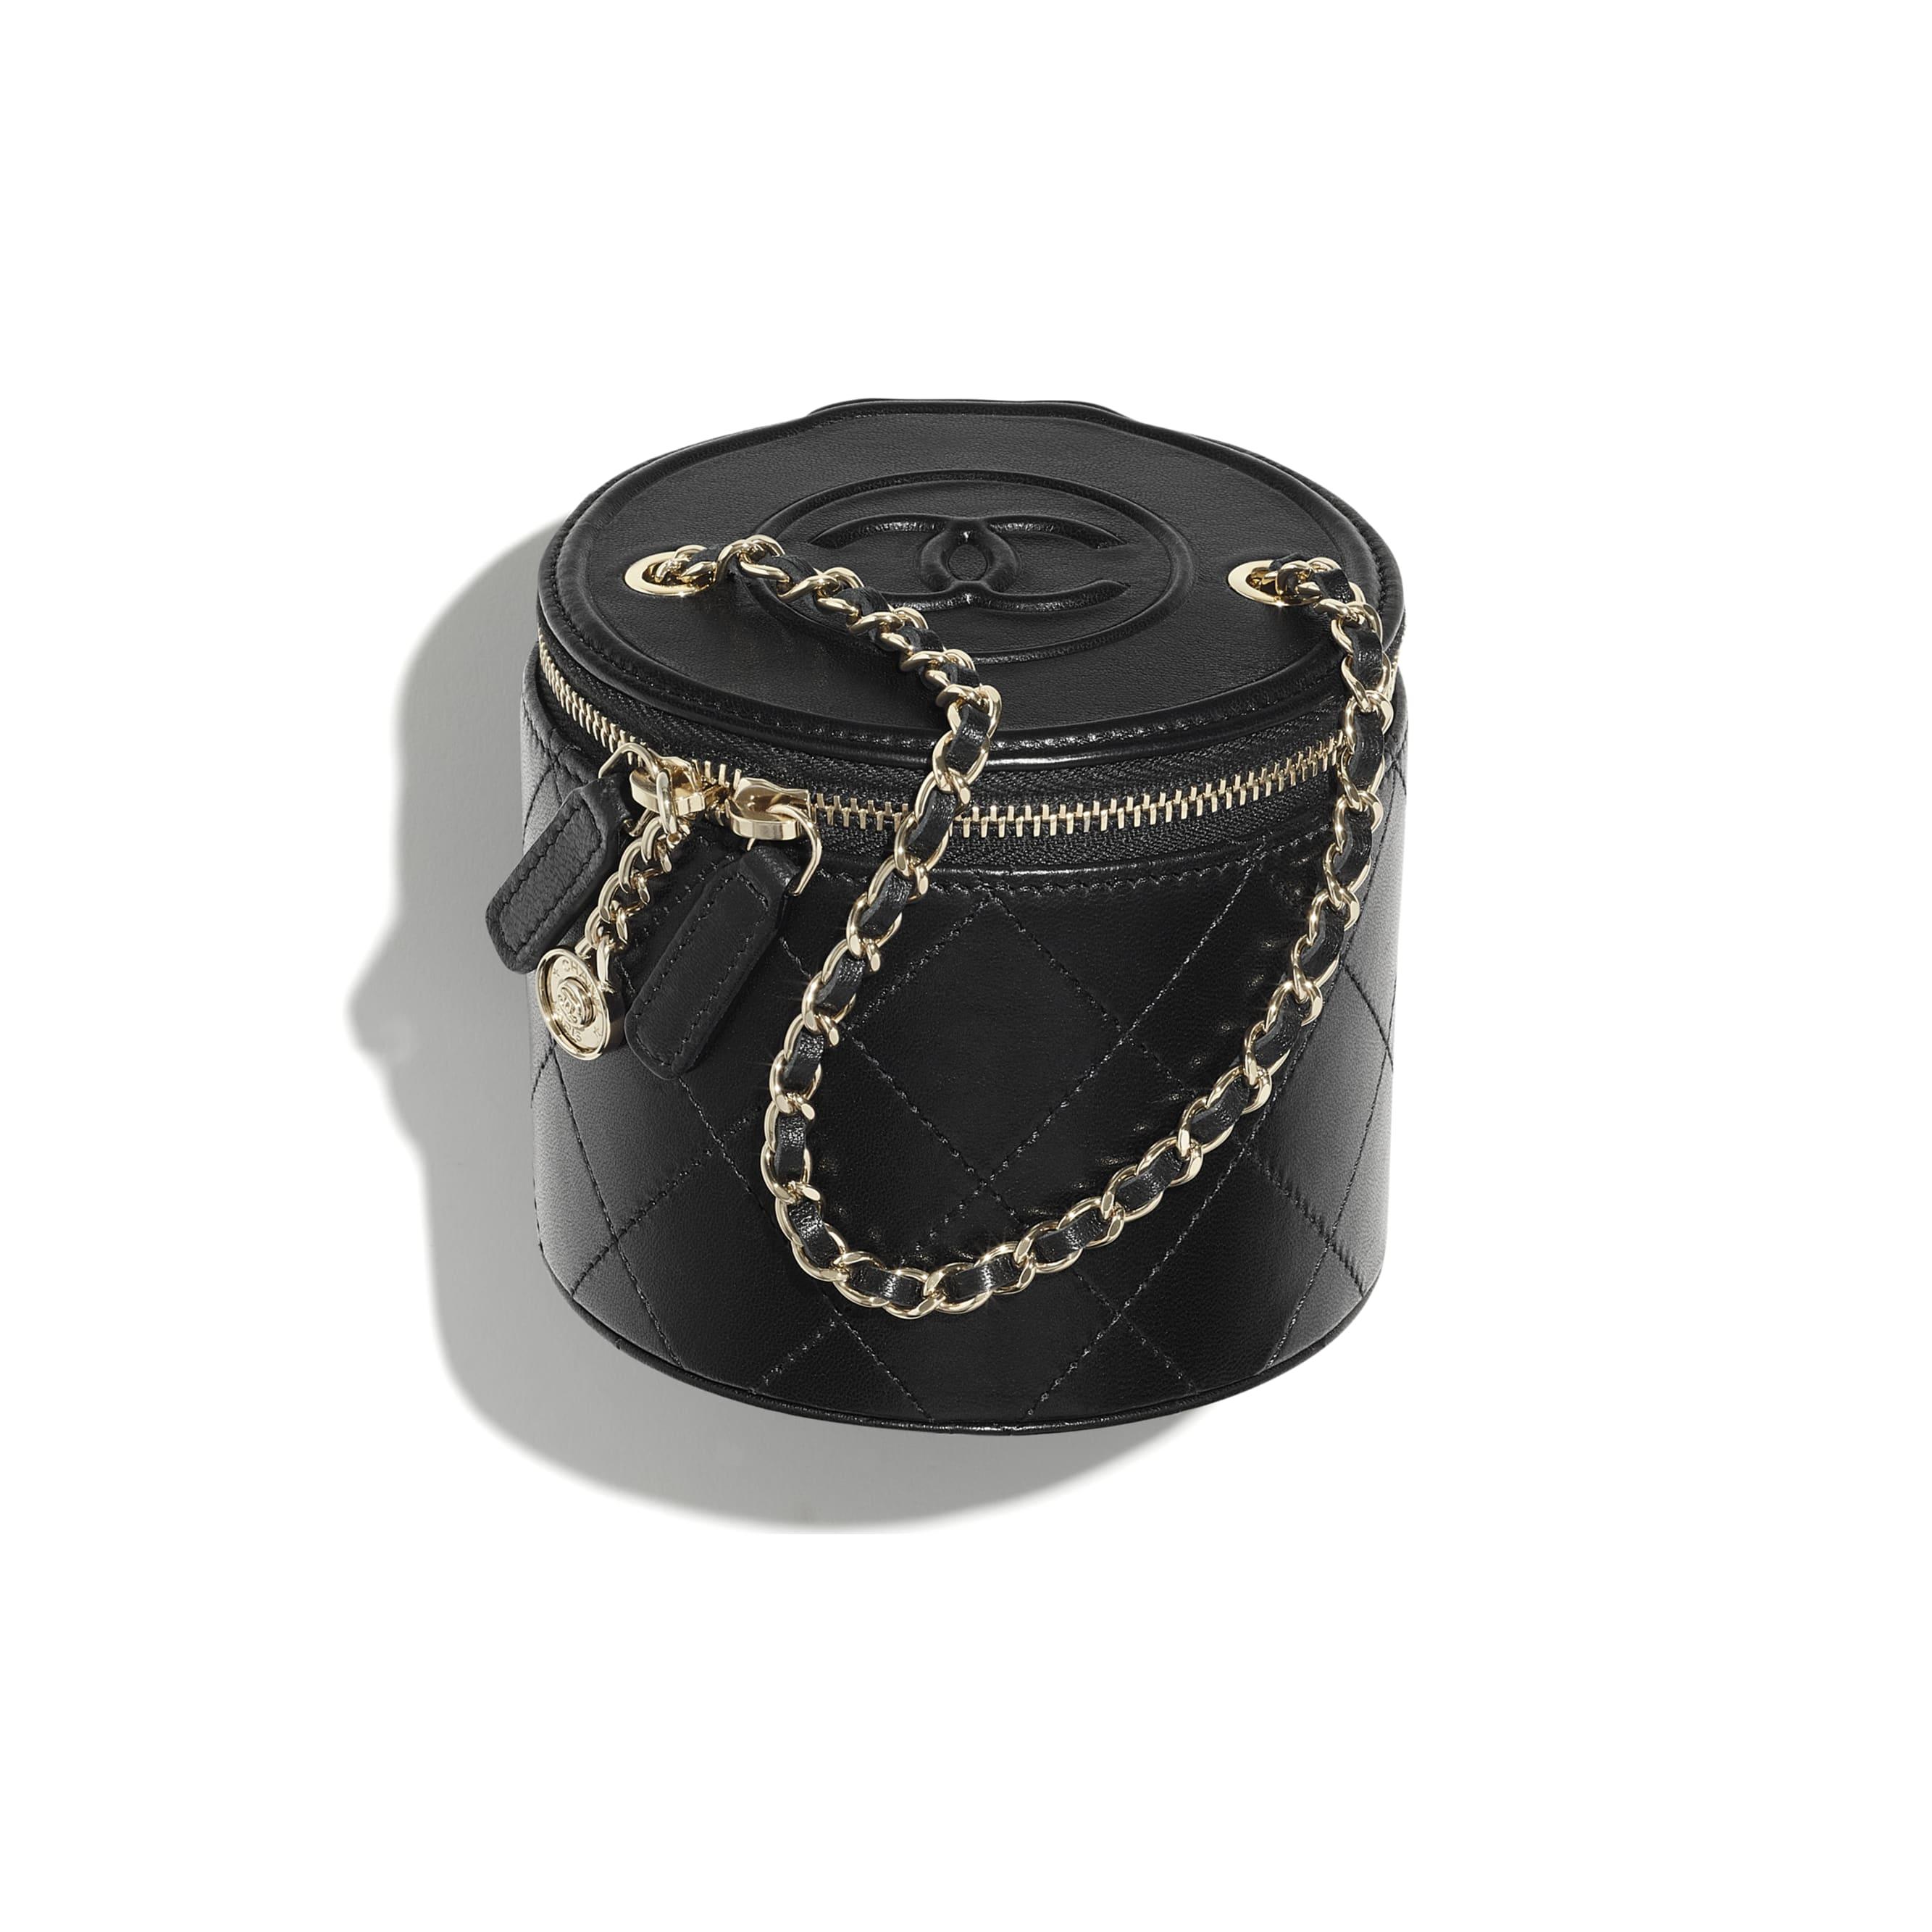 小型鍊子化妝包 - 黑 - 小羊皮與金色金屬 - CHANEL - 預設視圖 - 查看標準尺寸版本